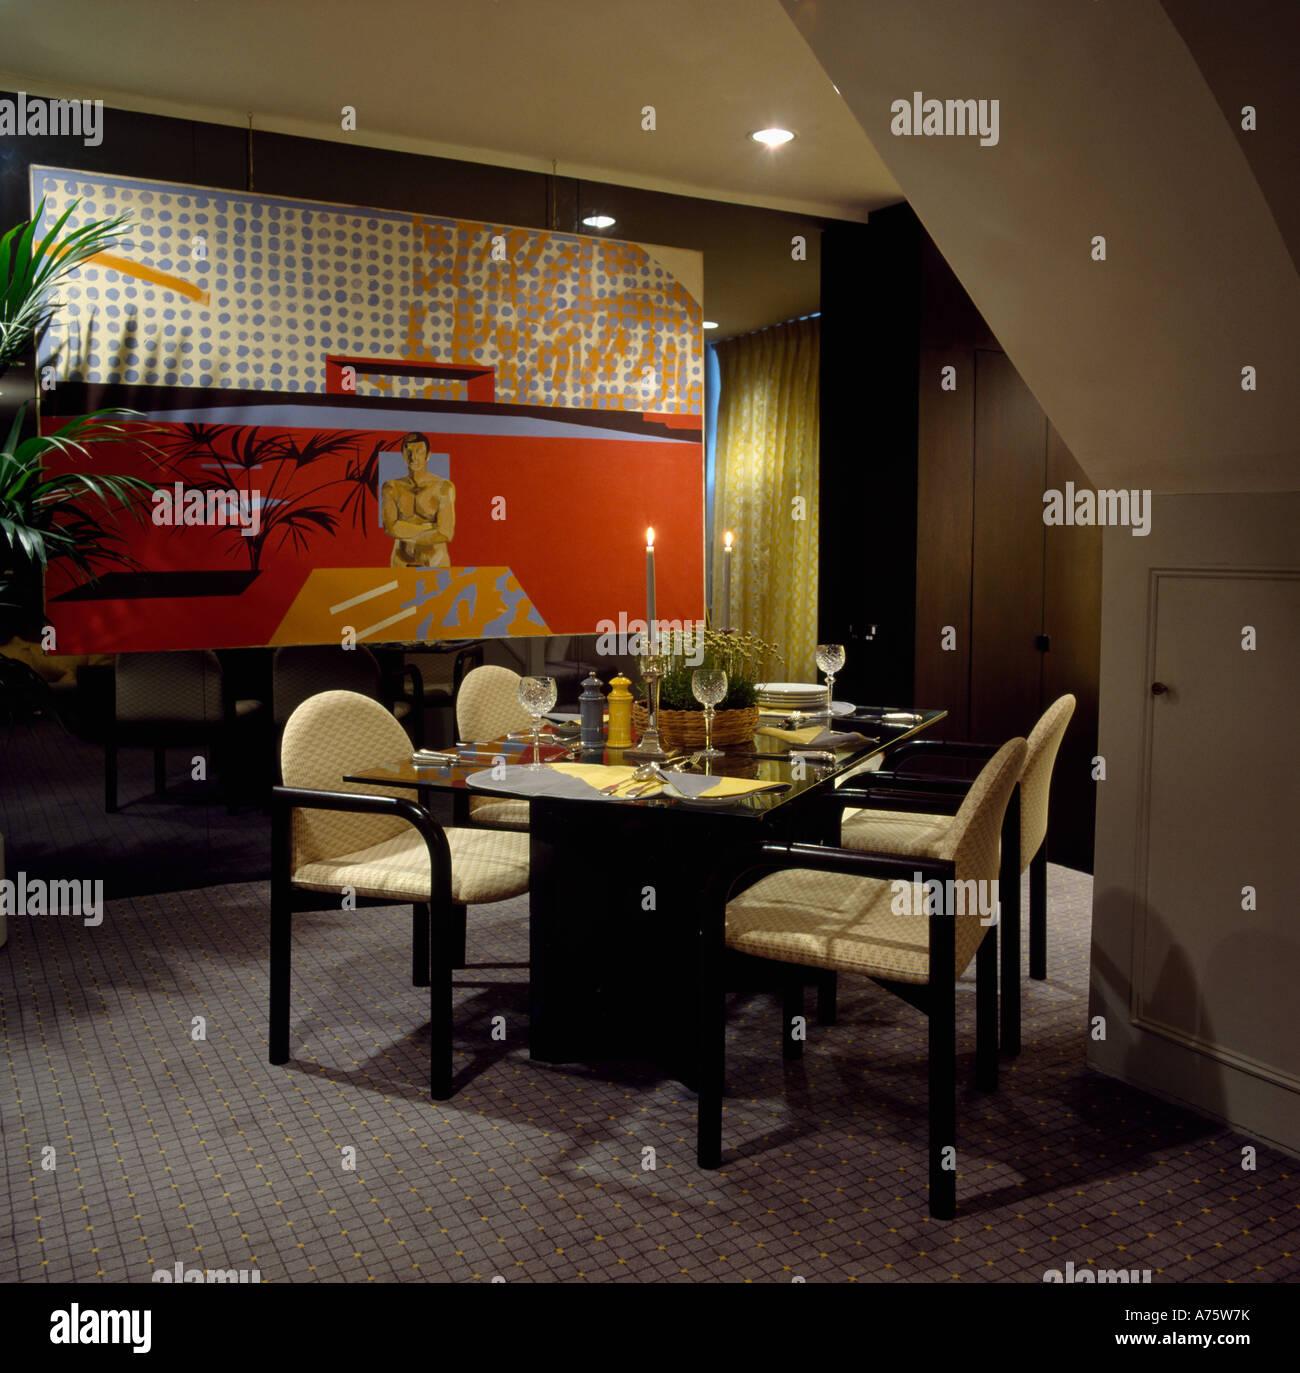 Creme Gepolsterte Stuhle In Achtziger Jahre Esszimmer Mit Grauen Teppich Und Grosses Gemalde Stockfotografie Alamy